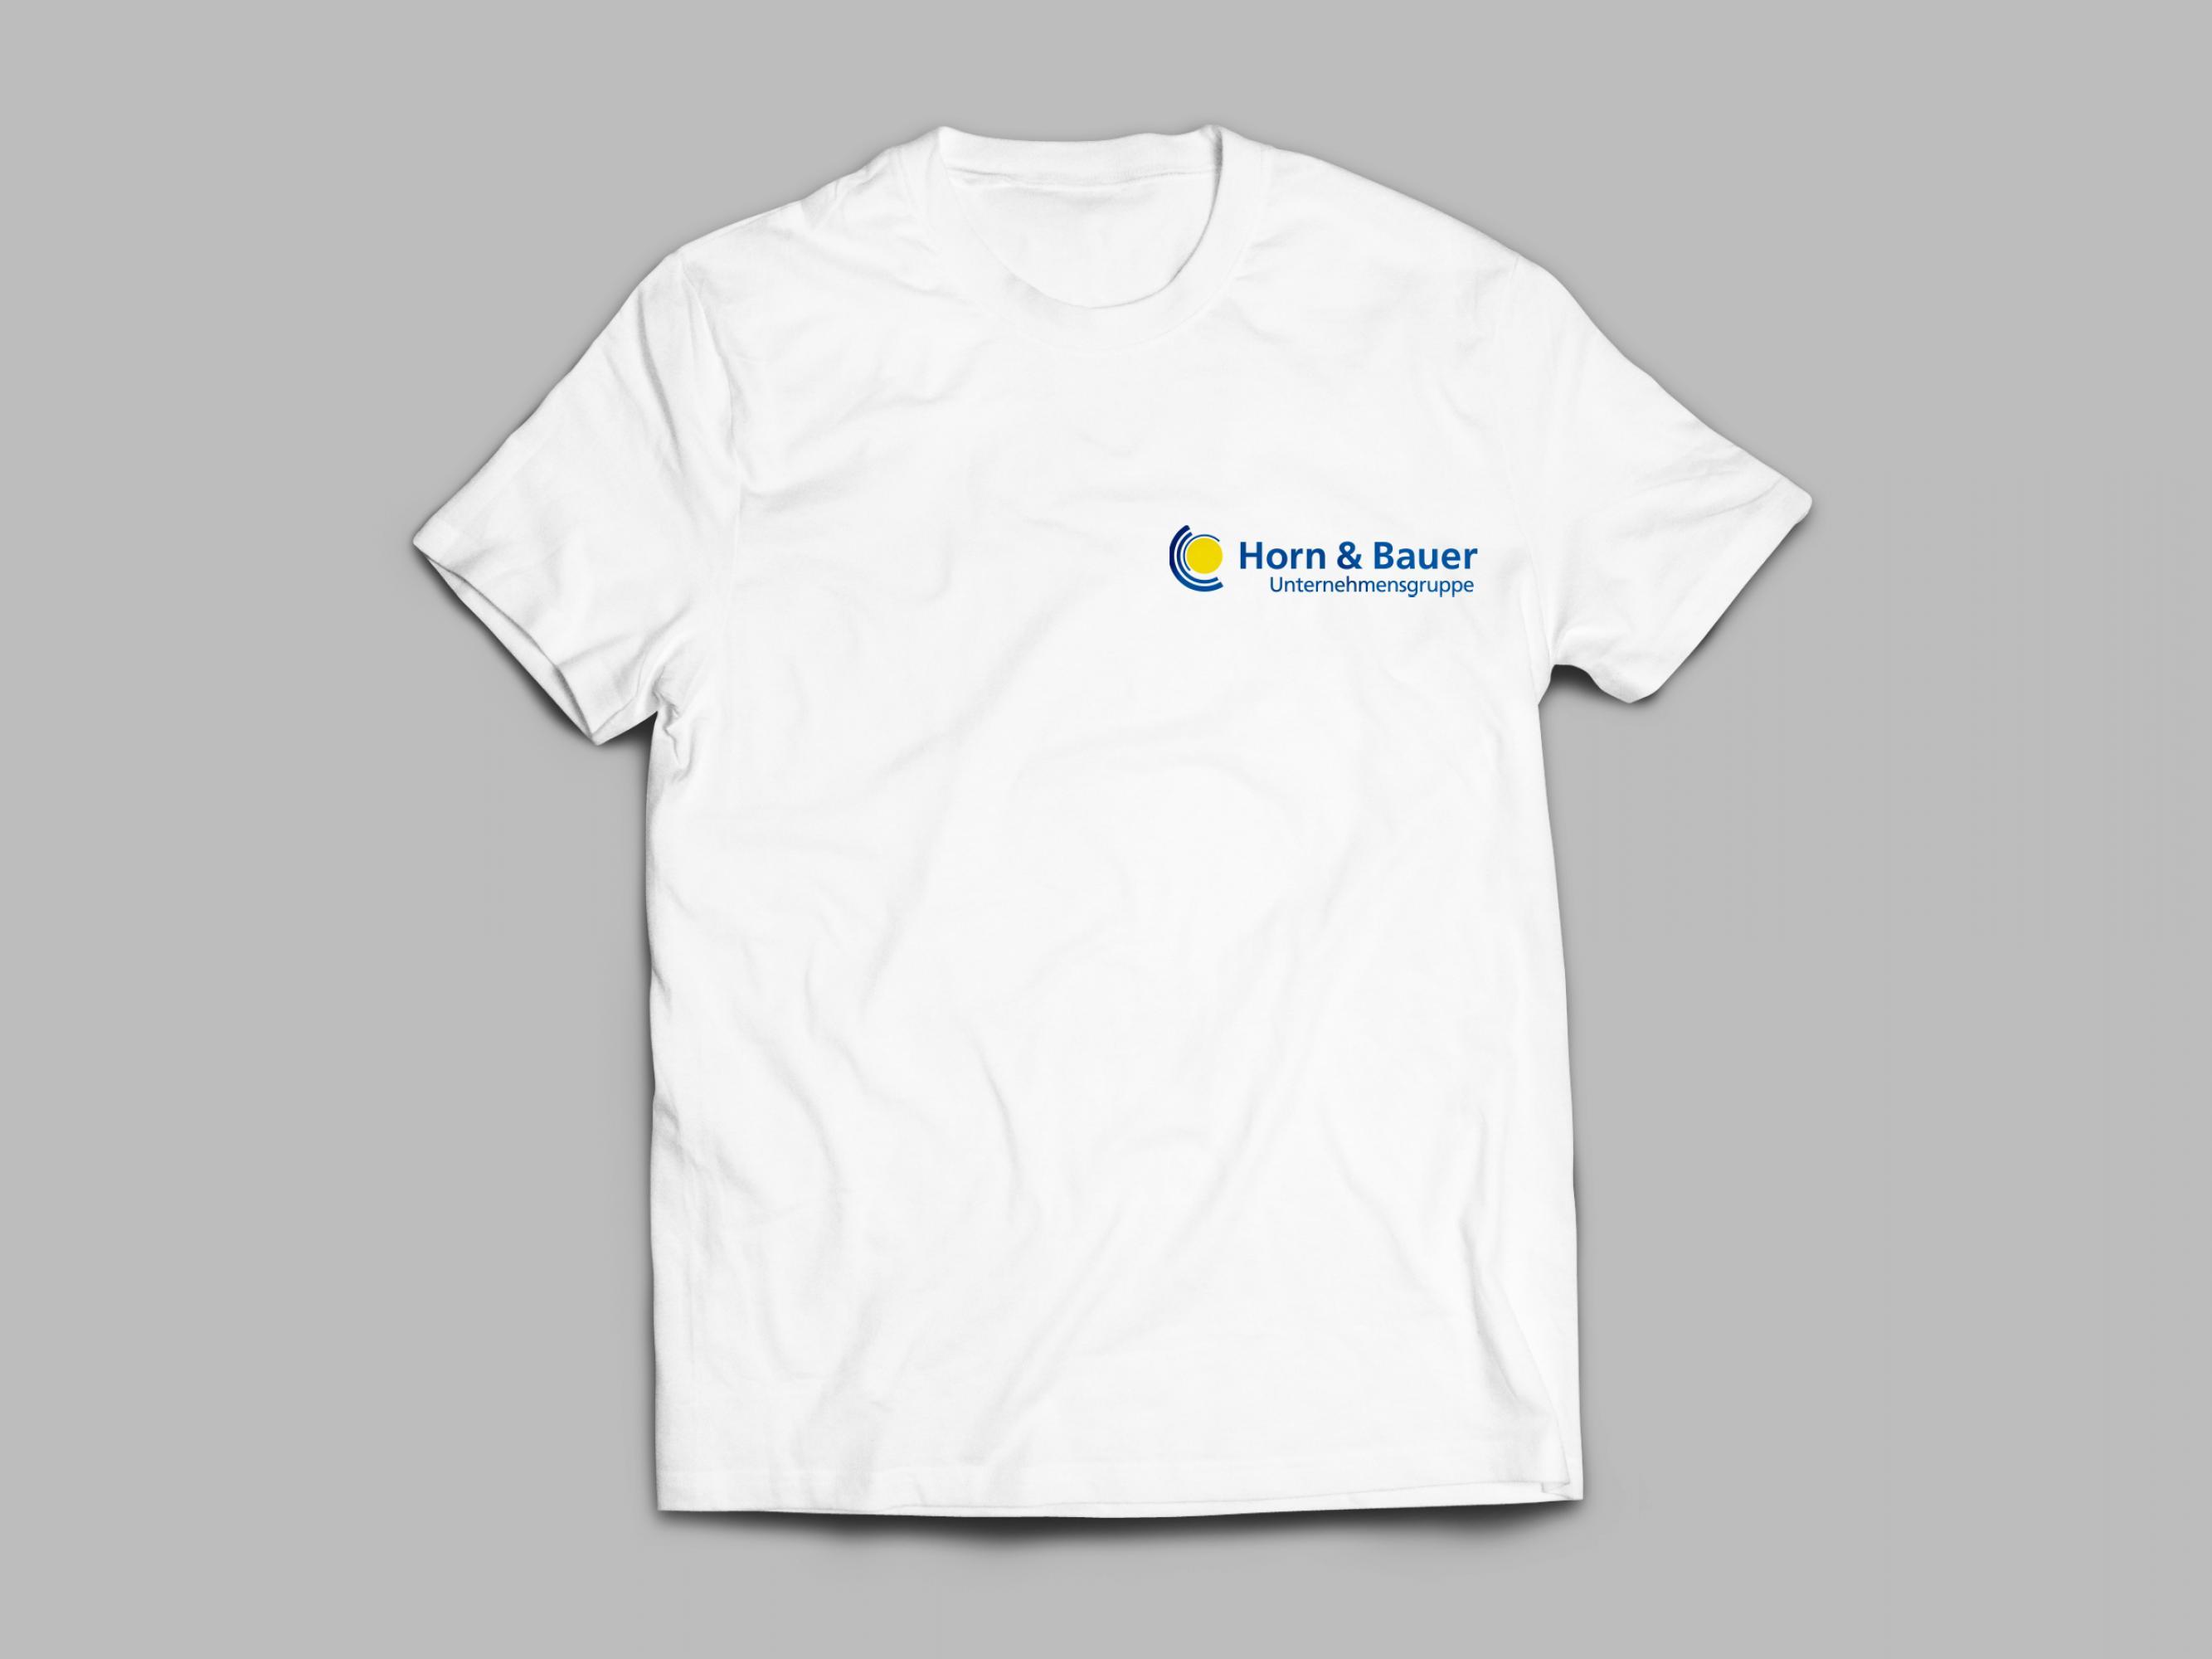 Webdesign-Printdesign-Ausbildungssuche-CorporateDesign-Horn-Bauer-Tshirt-front